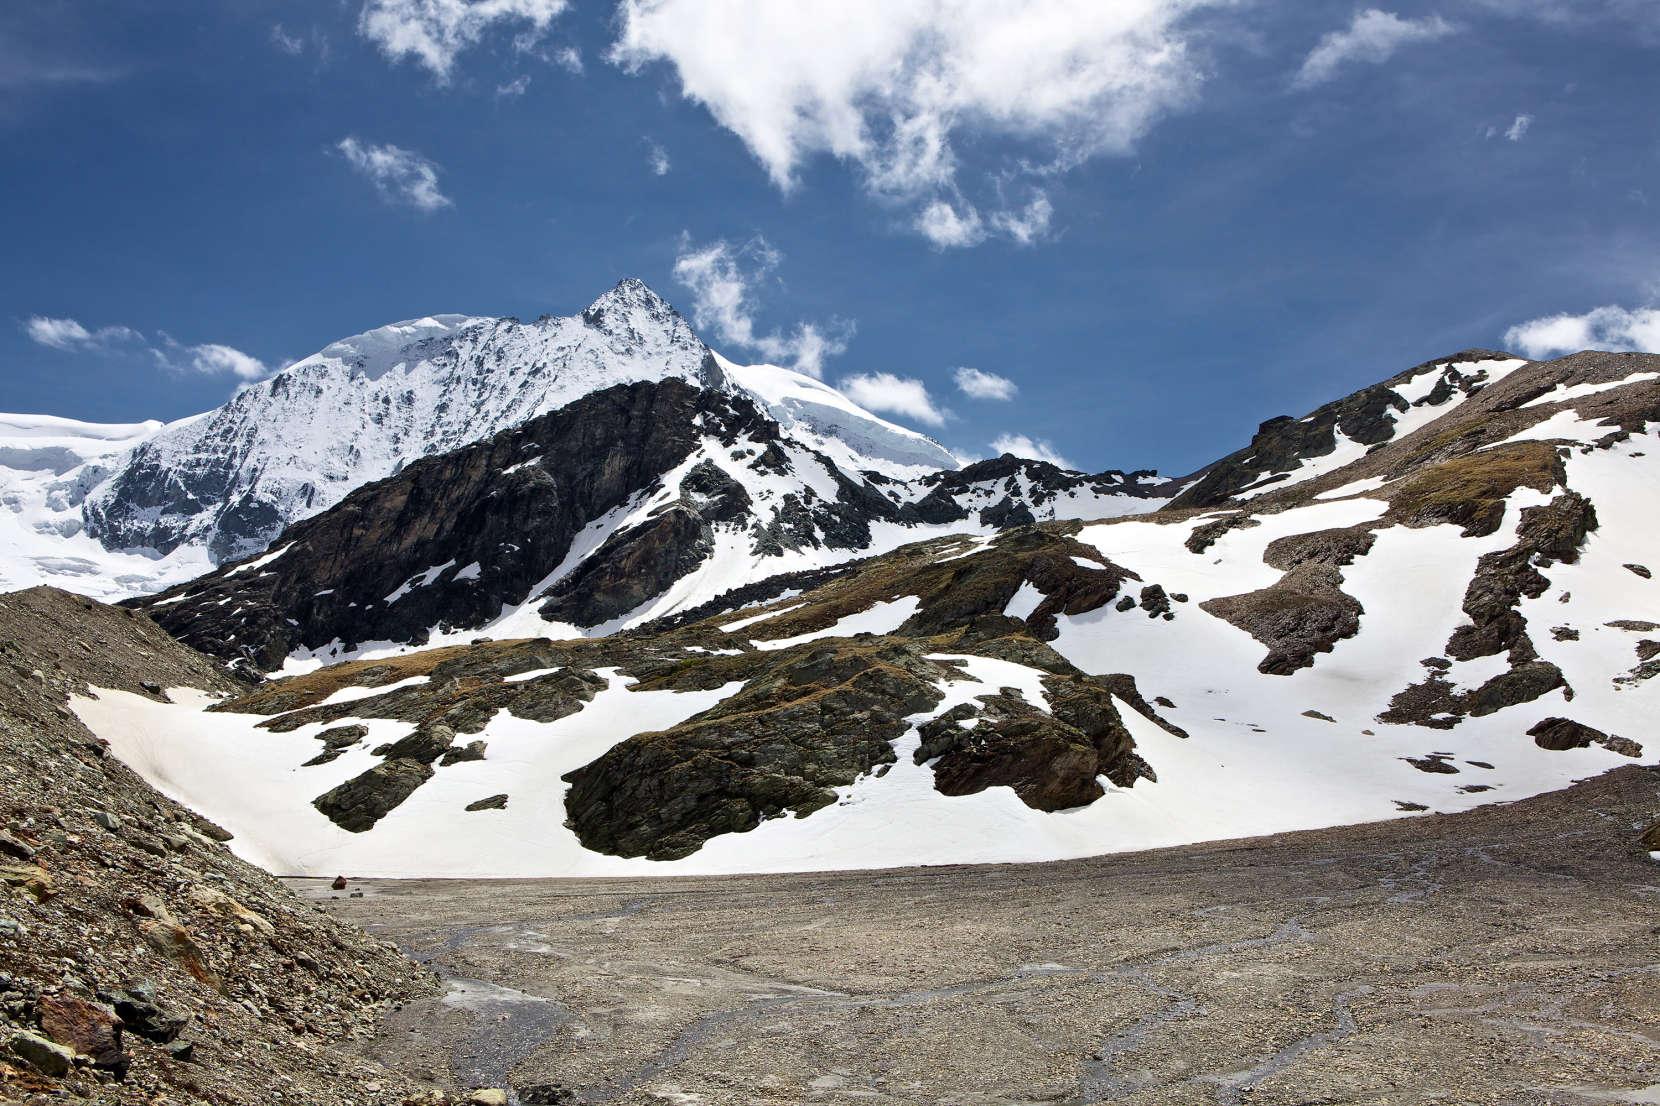 Val des Dix: Glacier de Cheilon, Mont Blanc de Cheilon, Tete Noire, Glacier du Giétro